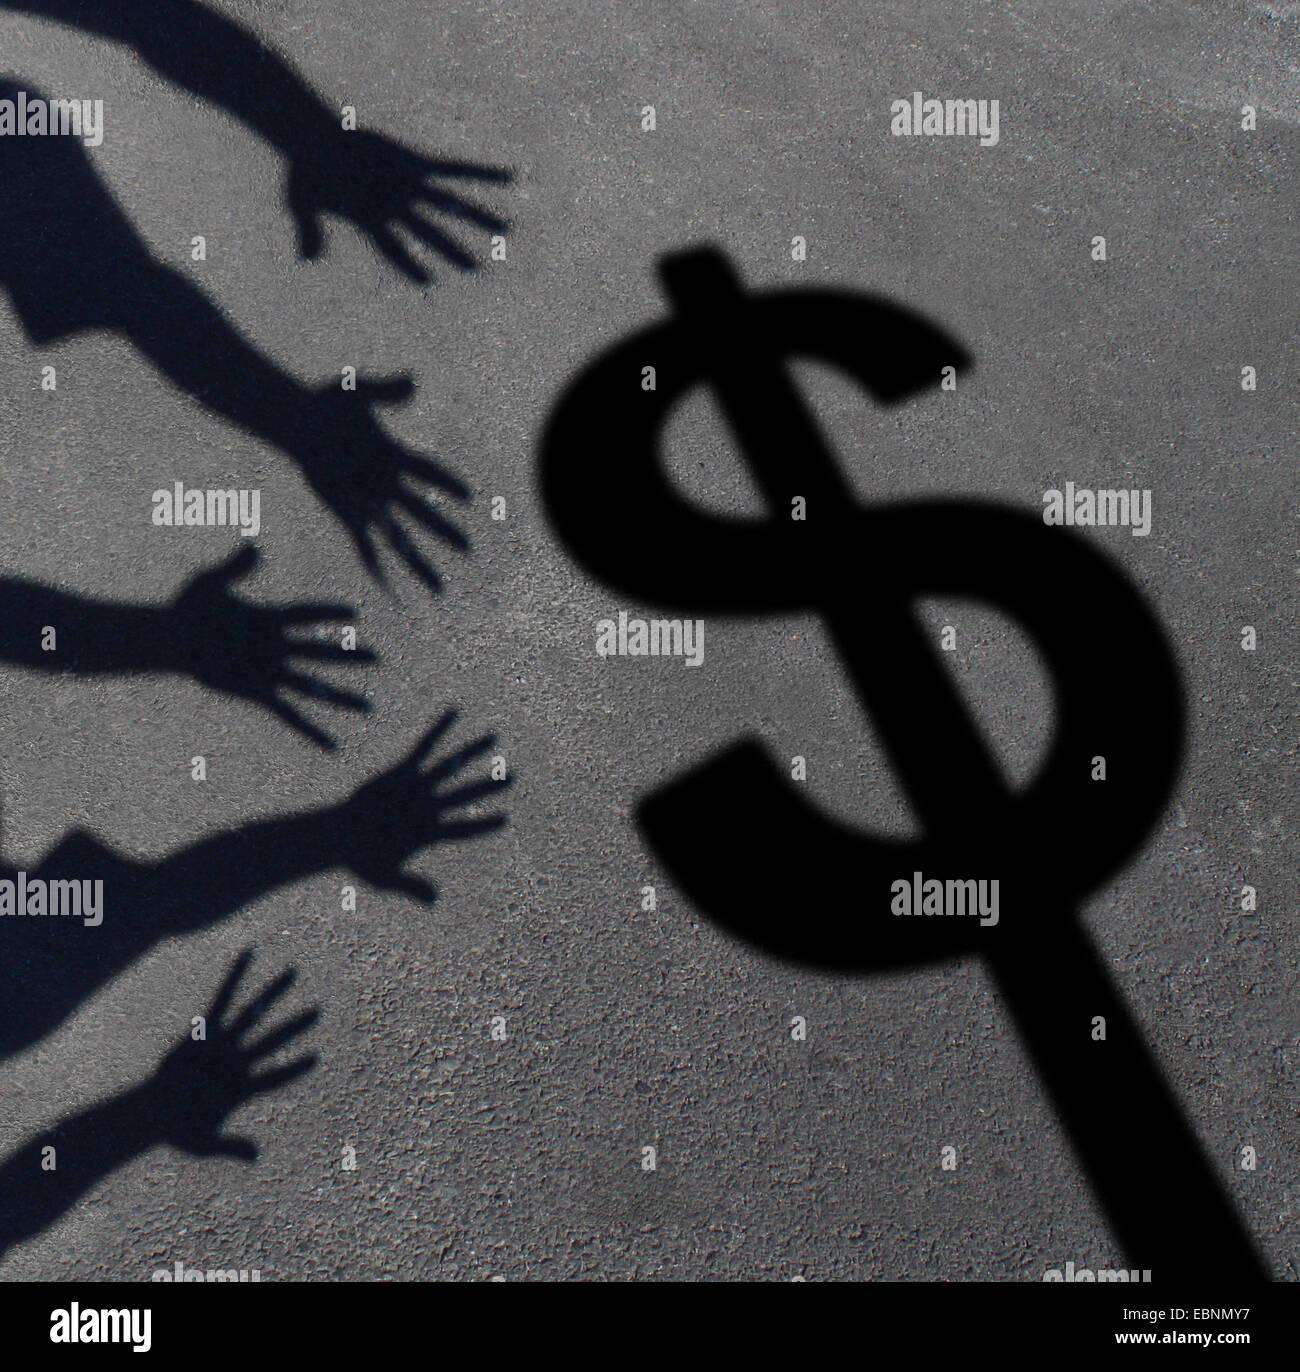 Geld holen und menschliche Gier Konzept als Schatten auf Bürgersteig einer Gruppe von Hand Griff nach einem Stockbild